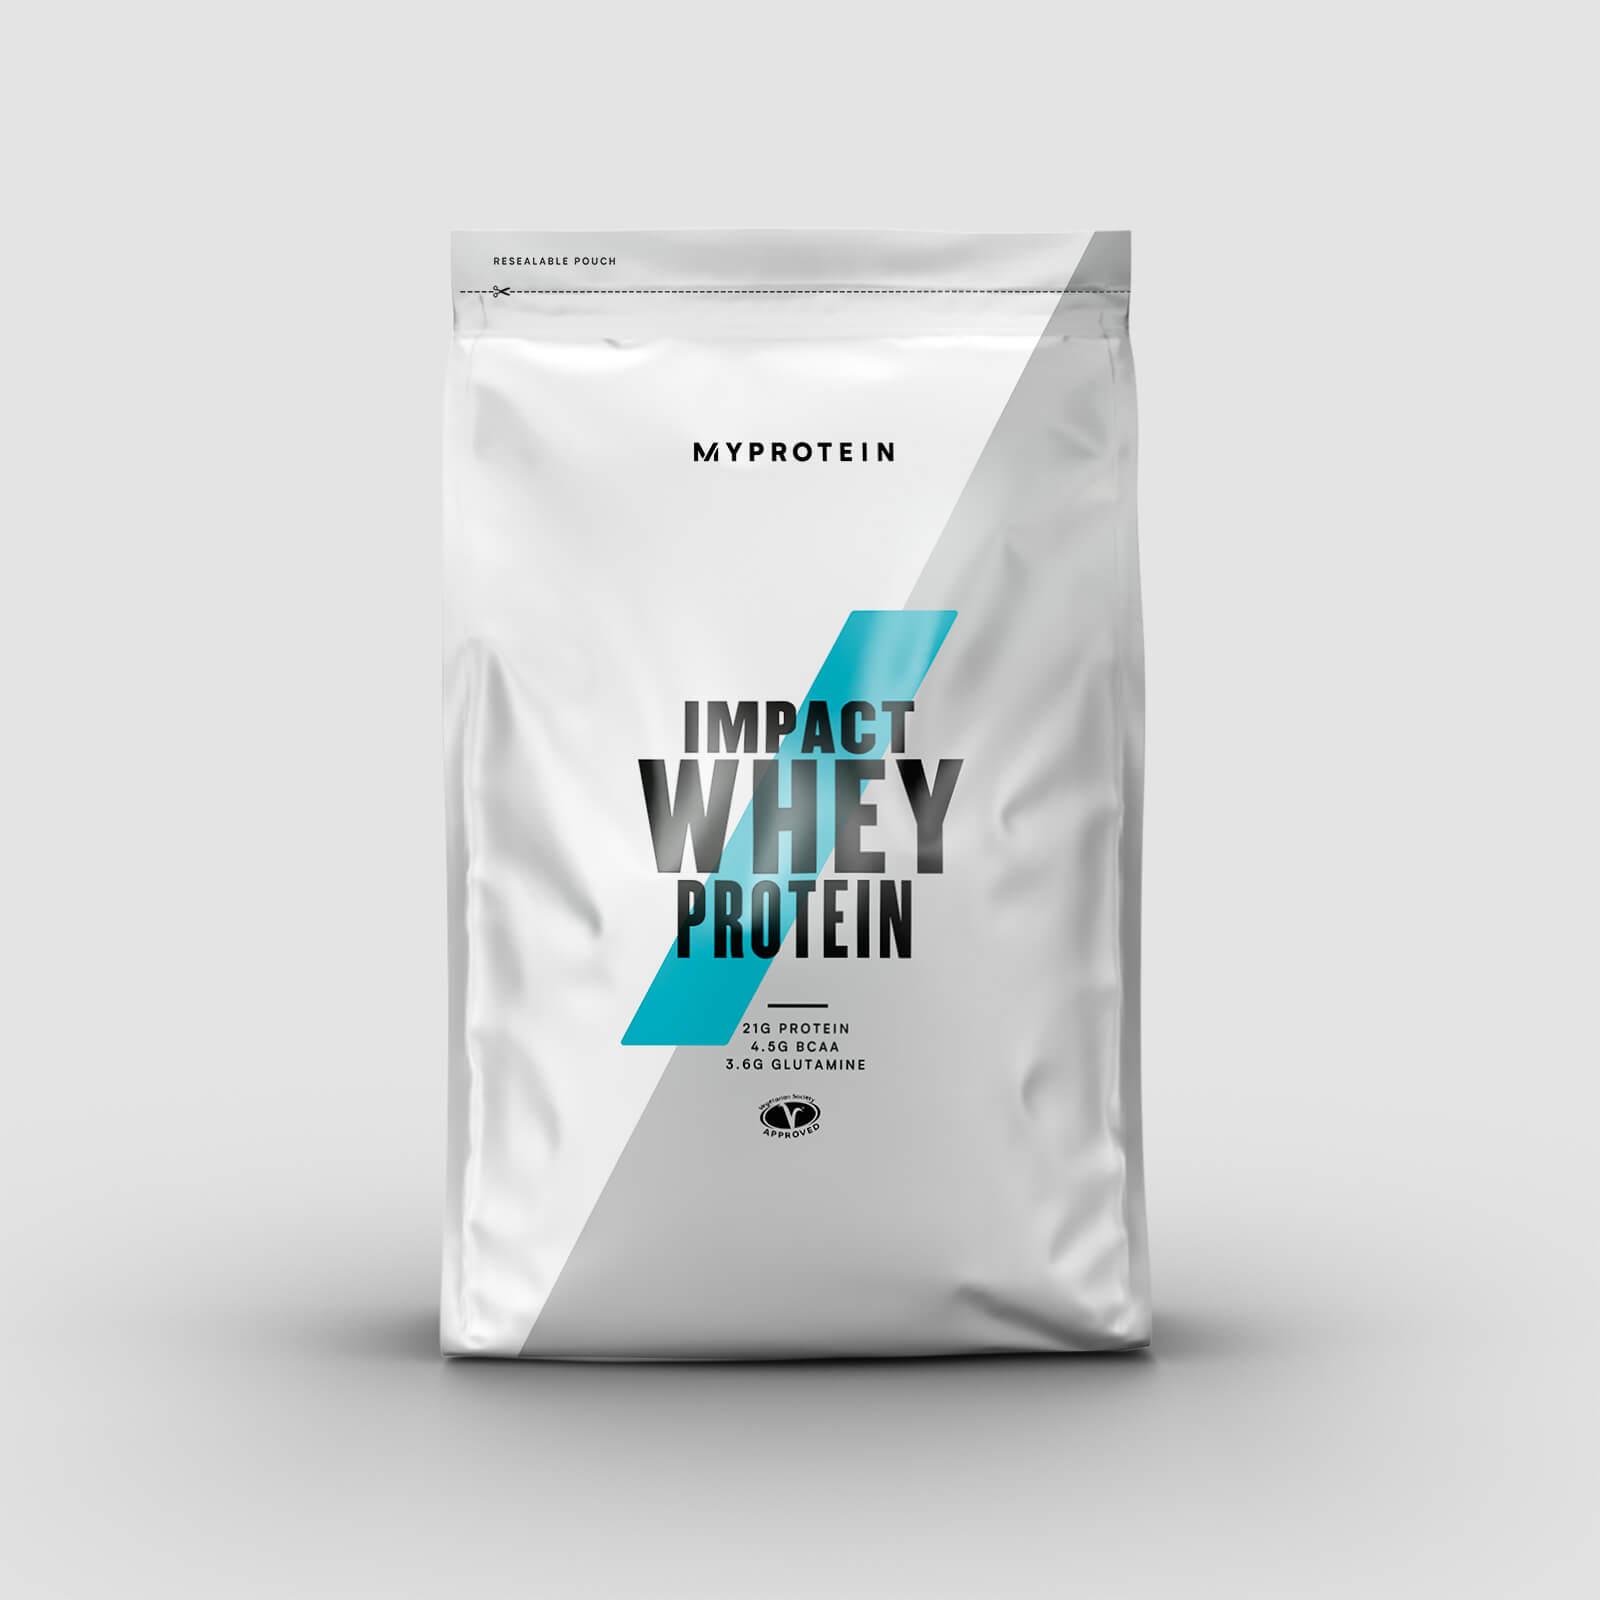 IWP Coffee